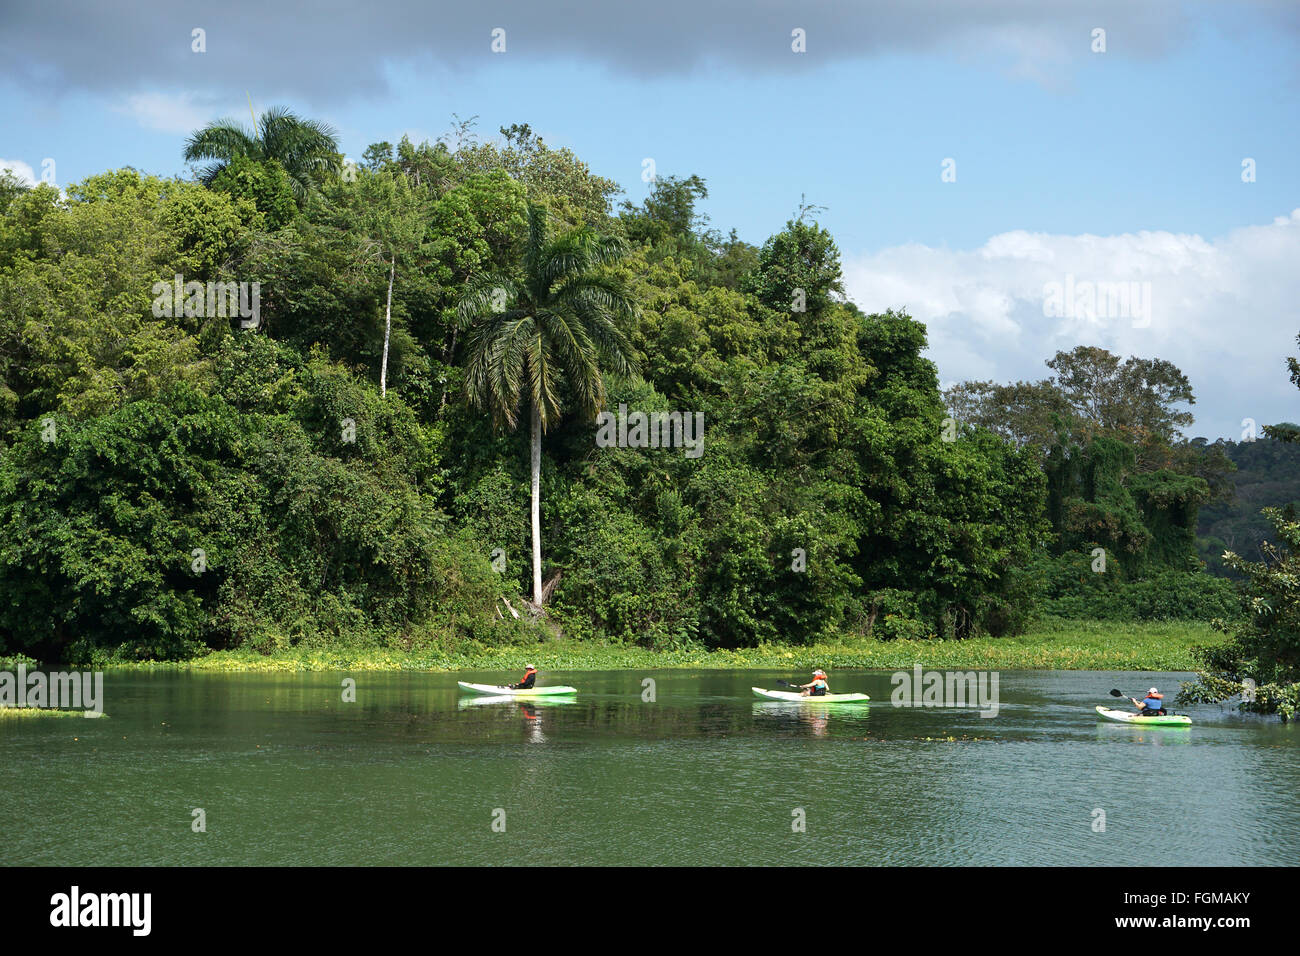 Canotaje en el río Chagres, el Parque Nacional Soberanía Panamá Imagen De Stock